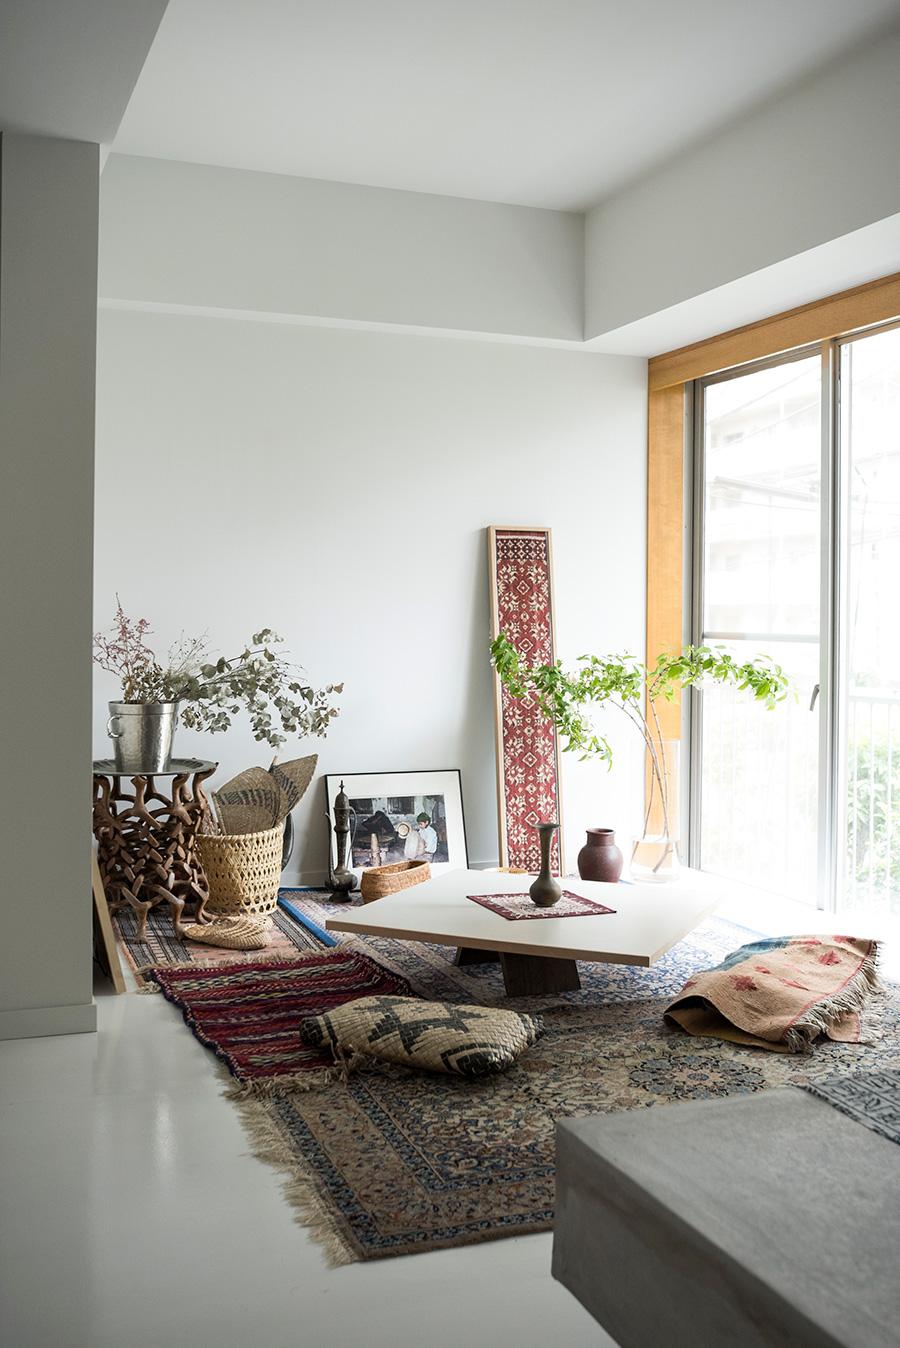 子供の頃から家にあったカーペット、お祖母さんからもらった民藝品、旅先で買った雑貨などを眠らせずいつも楽しめるように。ここでは座って過ごす。